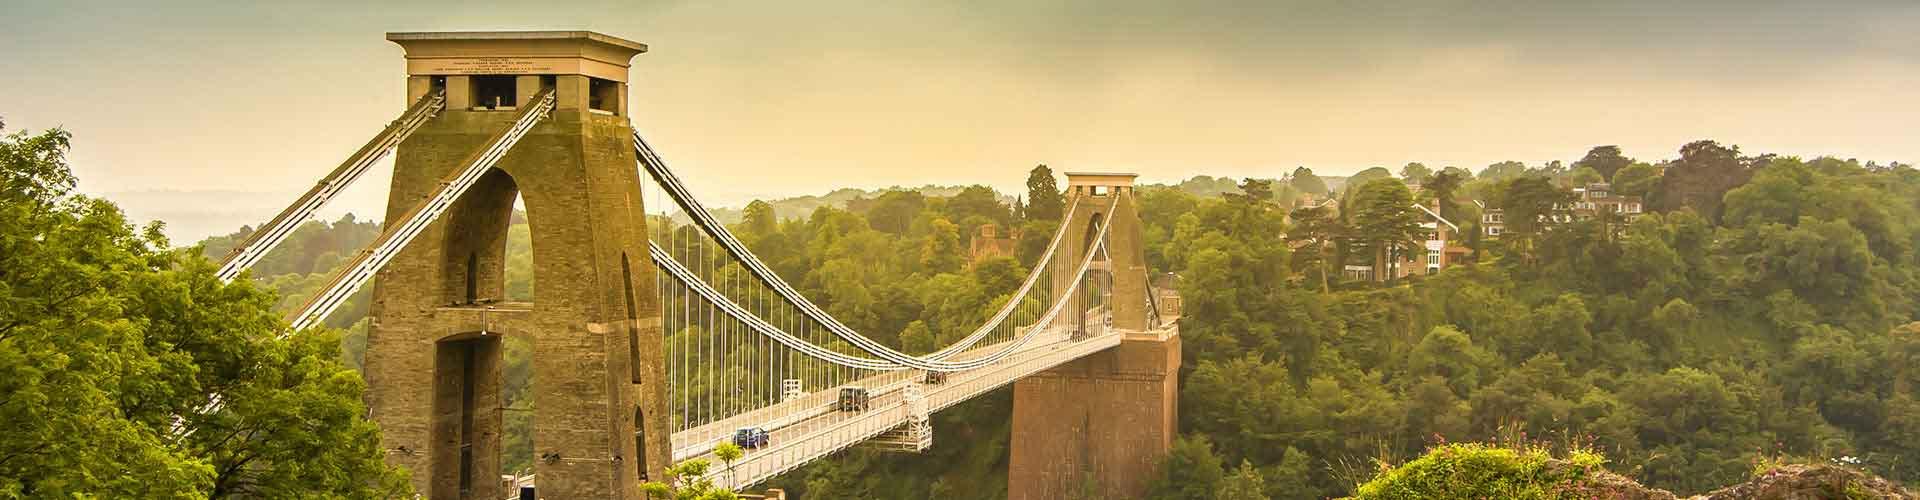 Bristol - Schroniska Młodzieżowe w mieście Bristol, Mapy dla miasta Bristol, Zdjęcia i Recenzje dla każdego Schroniska Młodzieżowego w mieście Bristol.